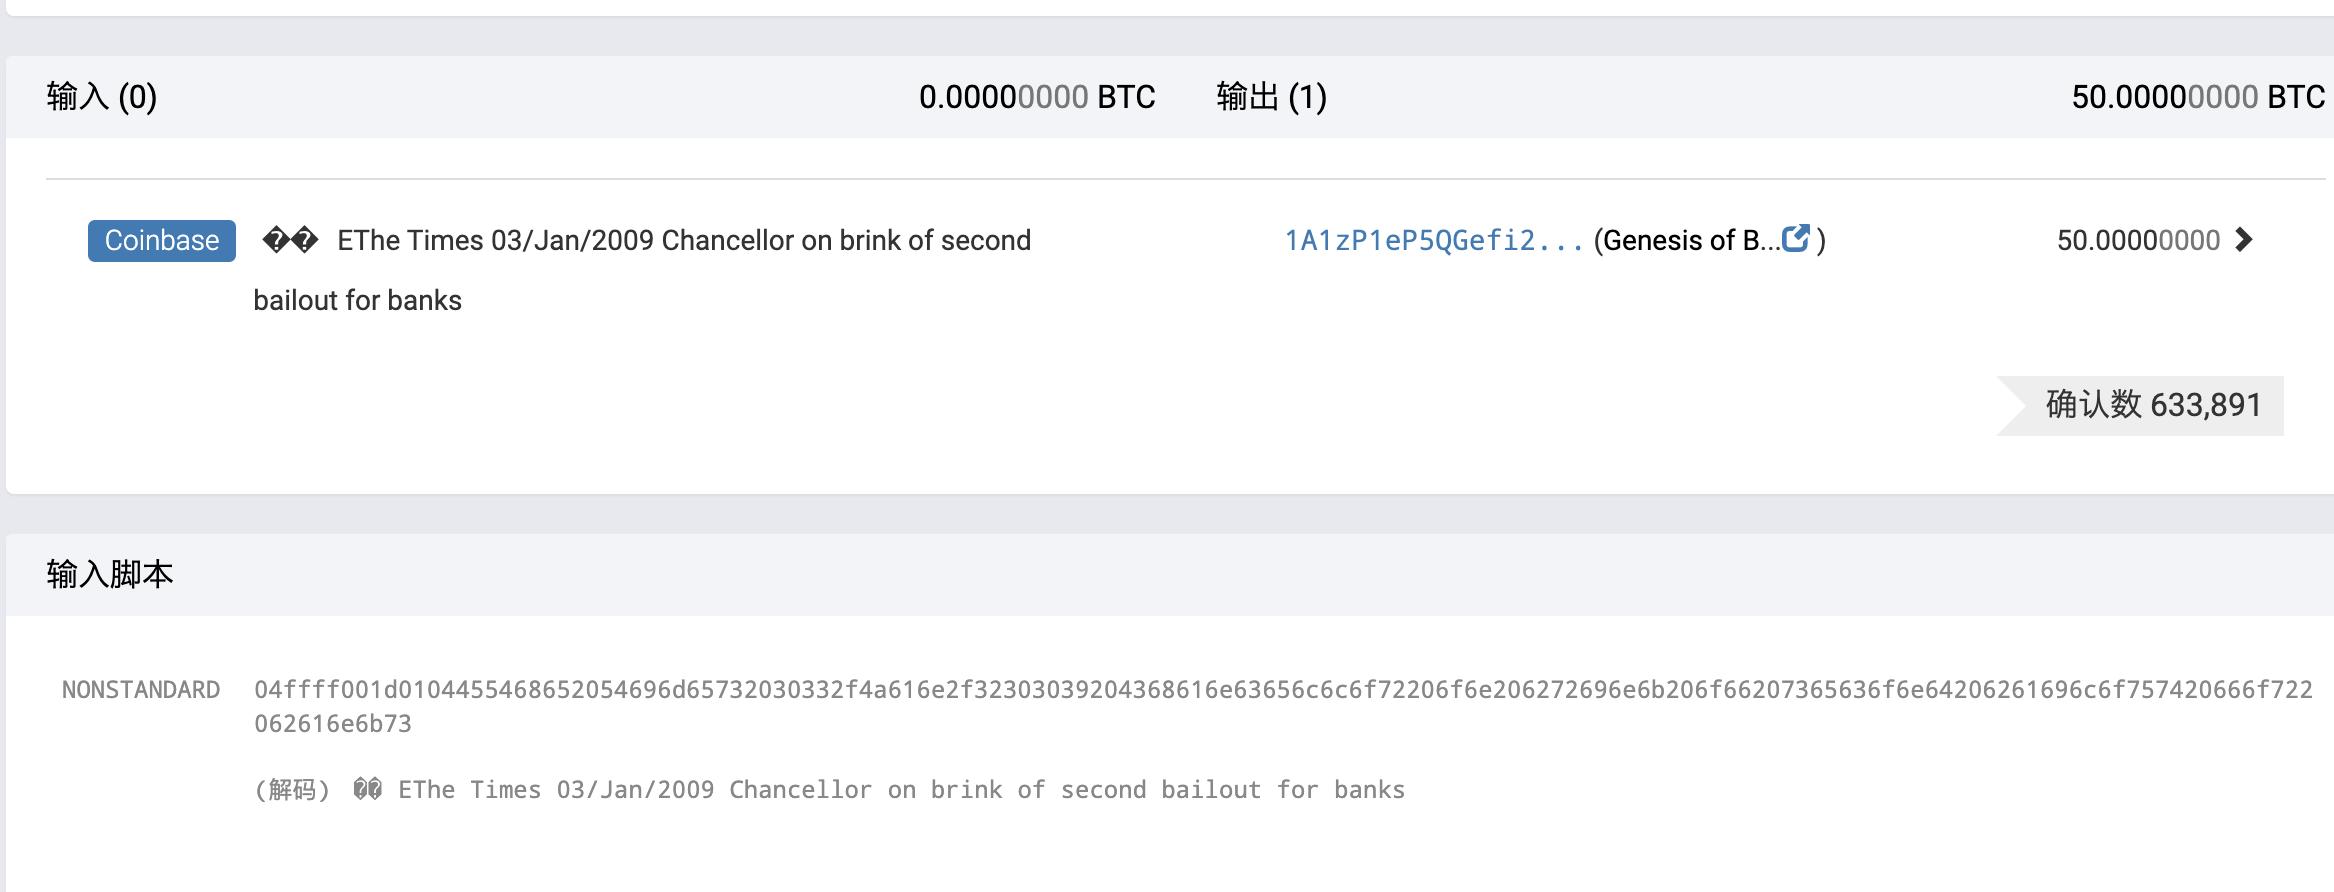 区块链系列教程之:比特币中的网络和区块链flydean的博客 程序那些事 -